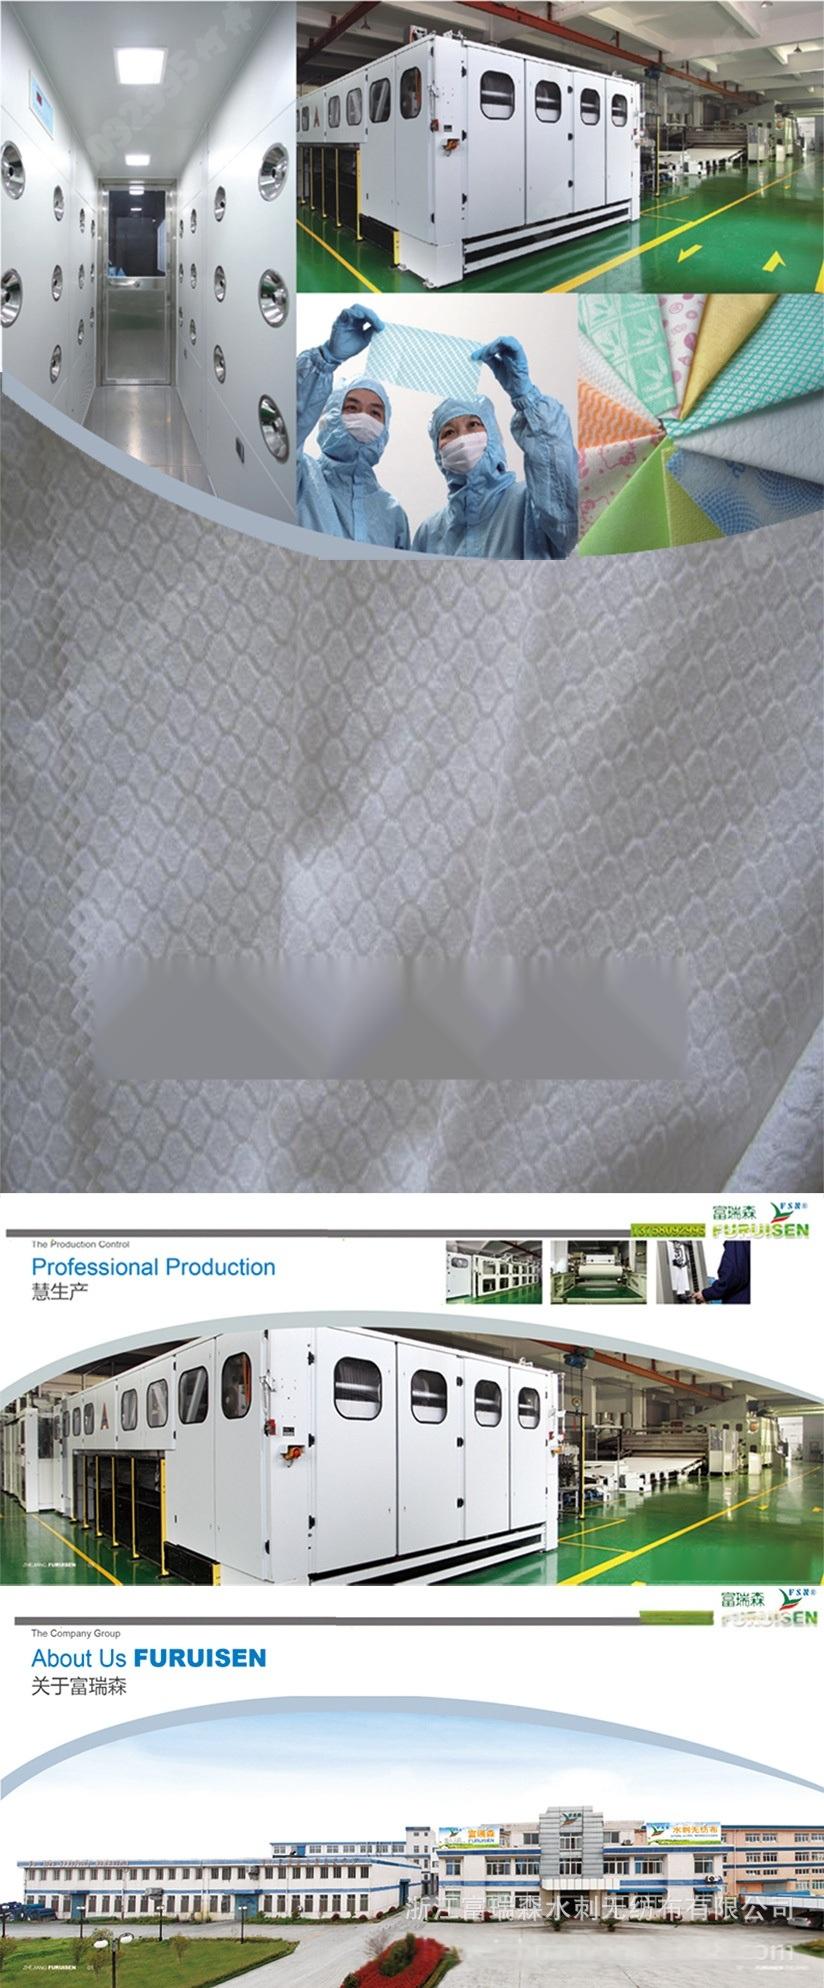 六边形提花水刺无纺布产品详细简介